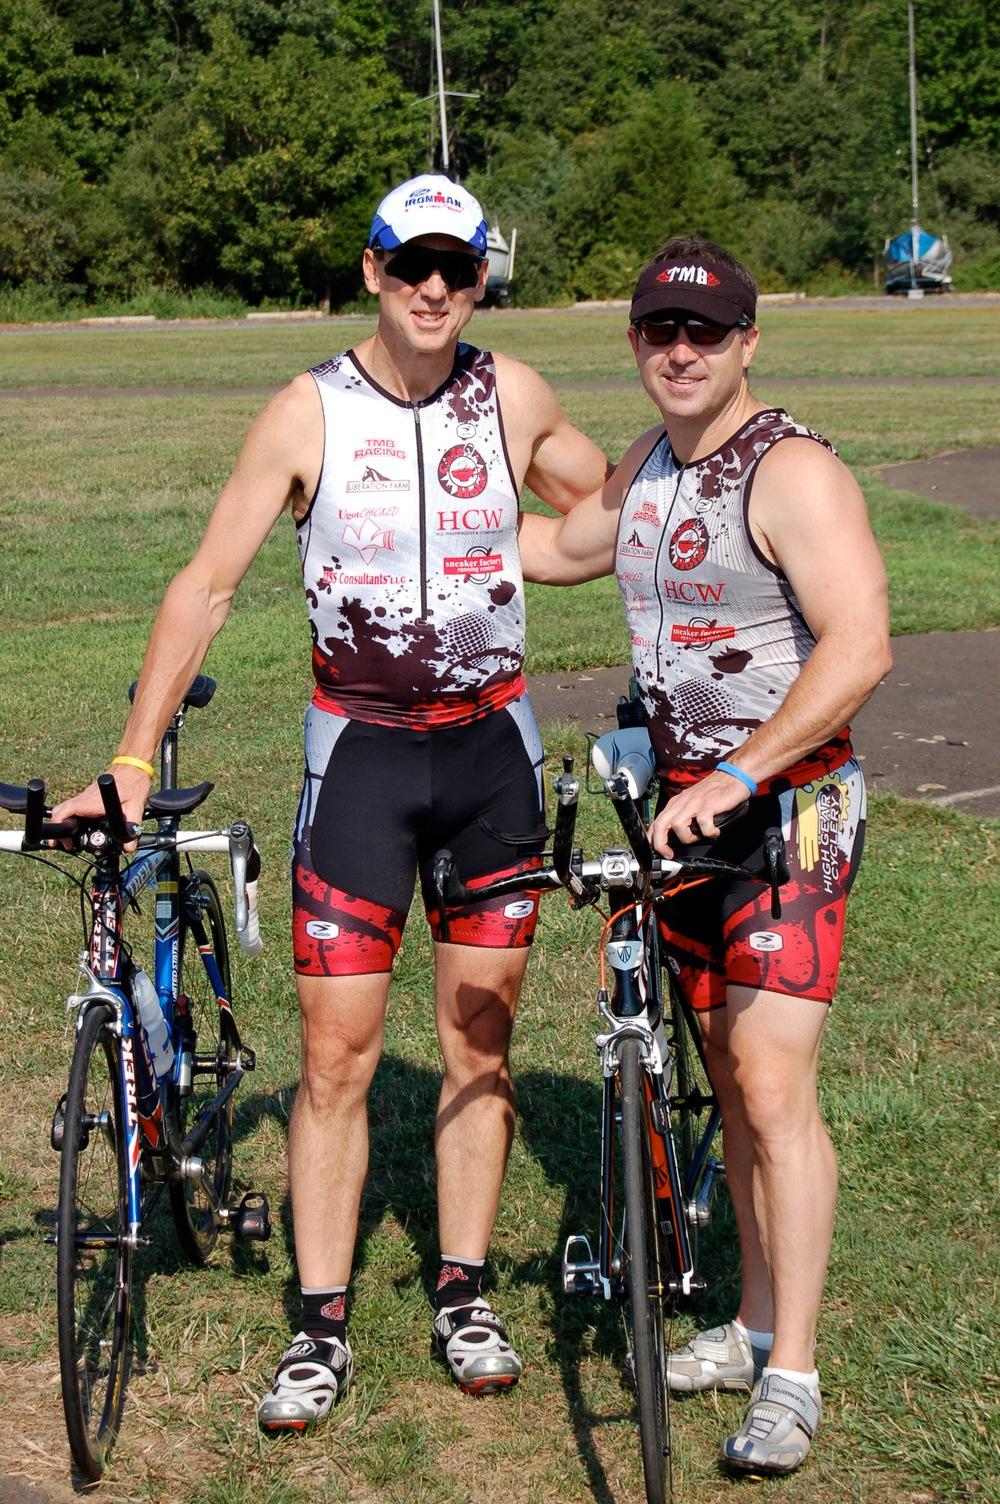 Tom&Gerrypic.jpg